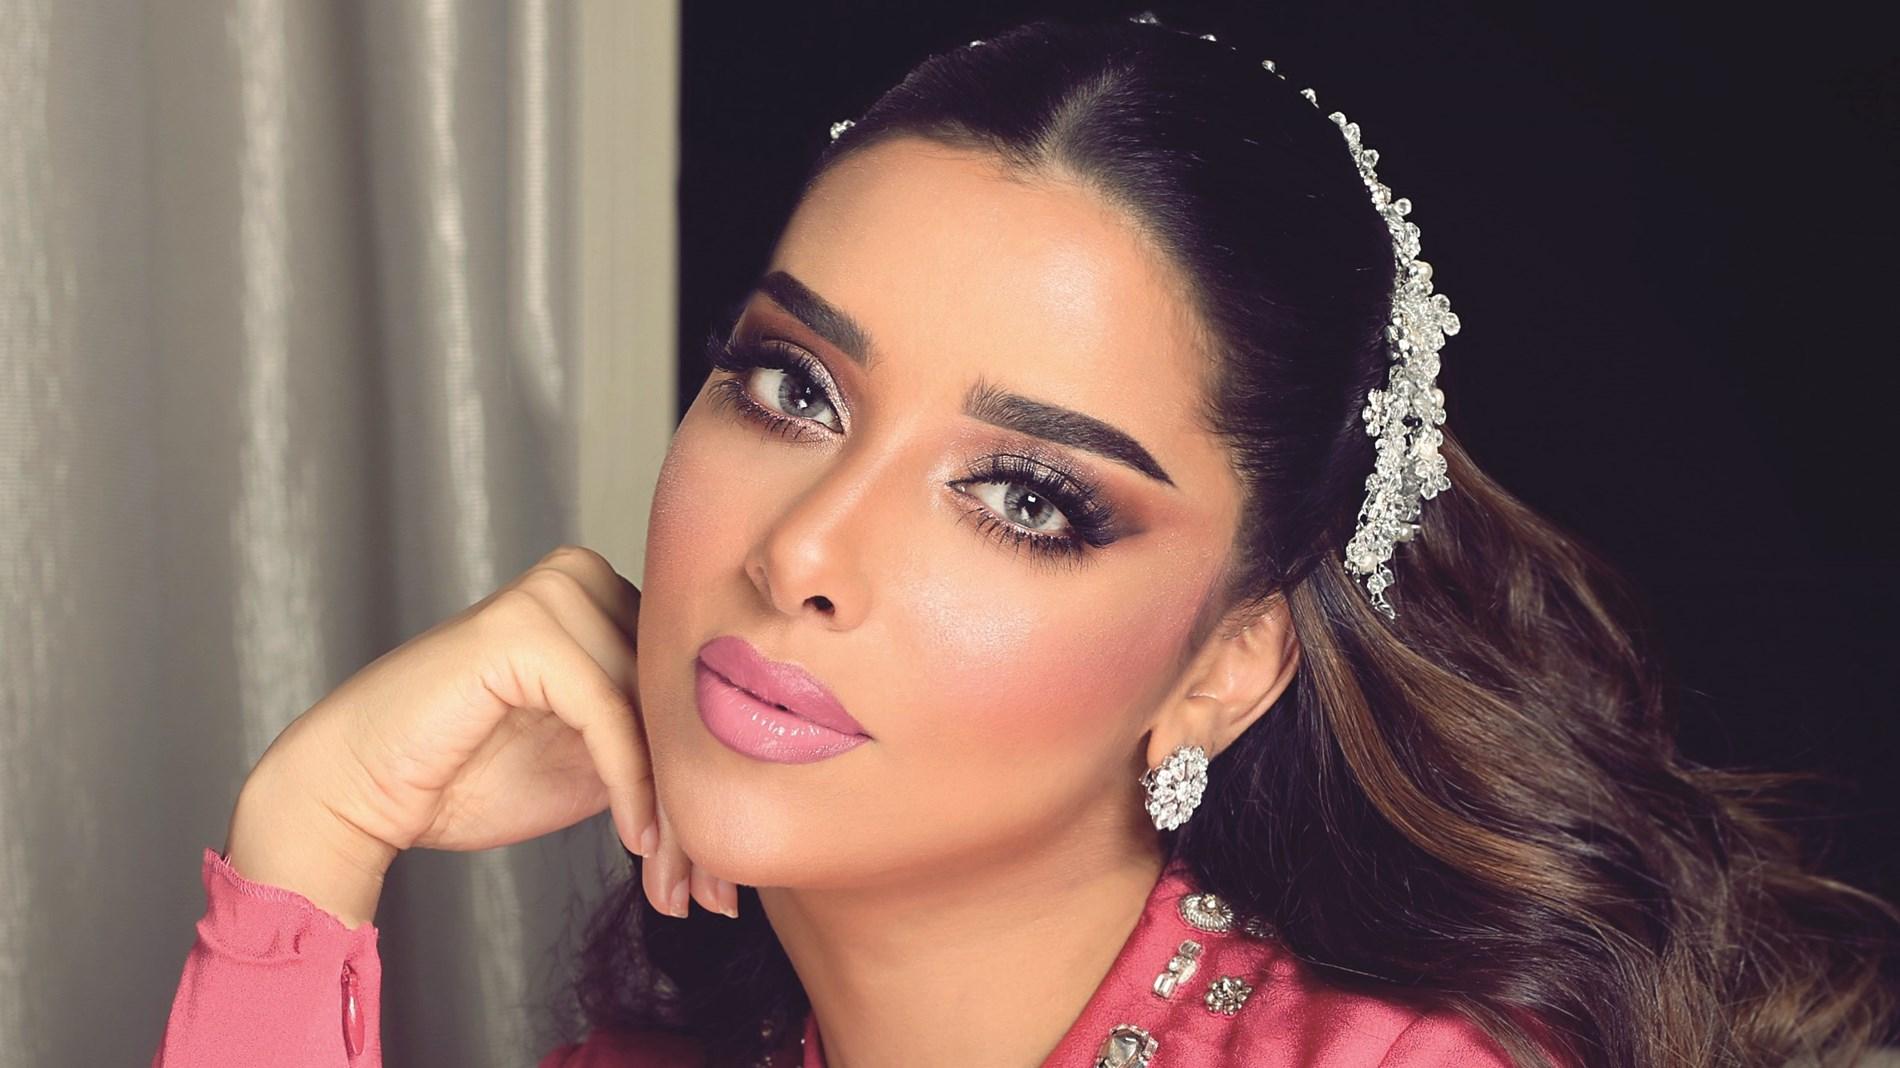 بلقيس فتحي توثق لقاءها مع والدها.. وتعلق: حبي الحقيقي